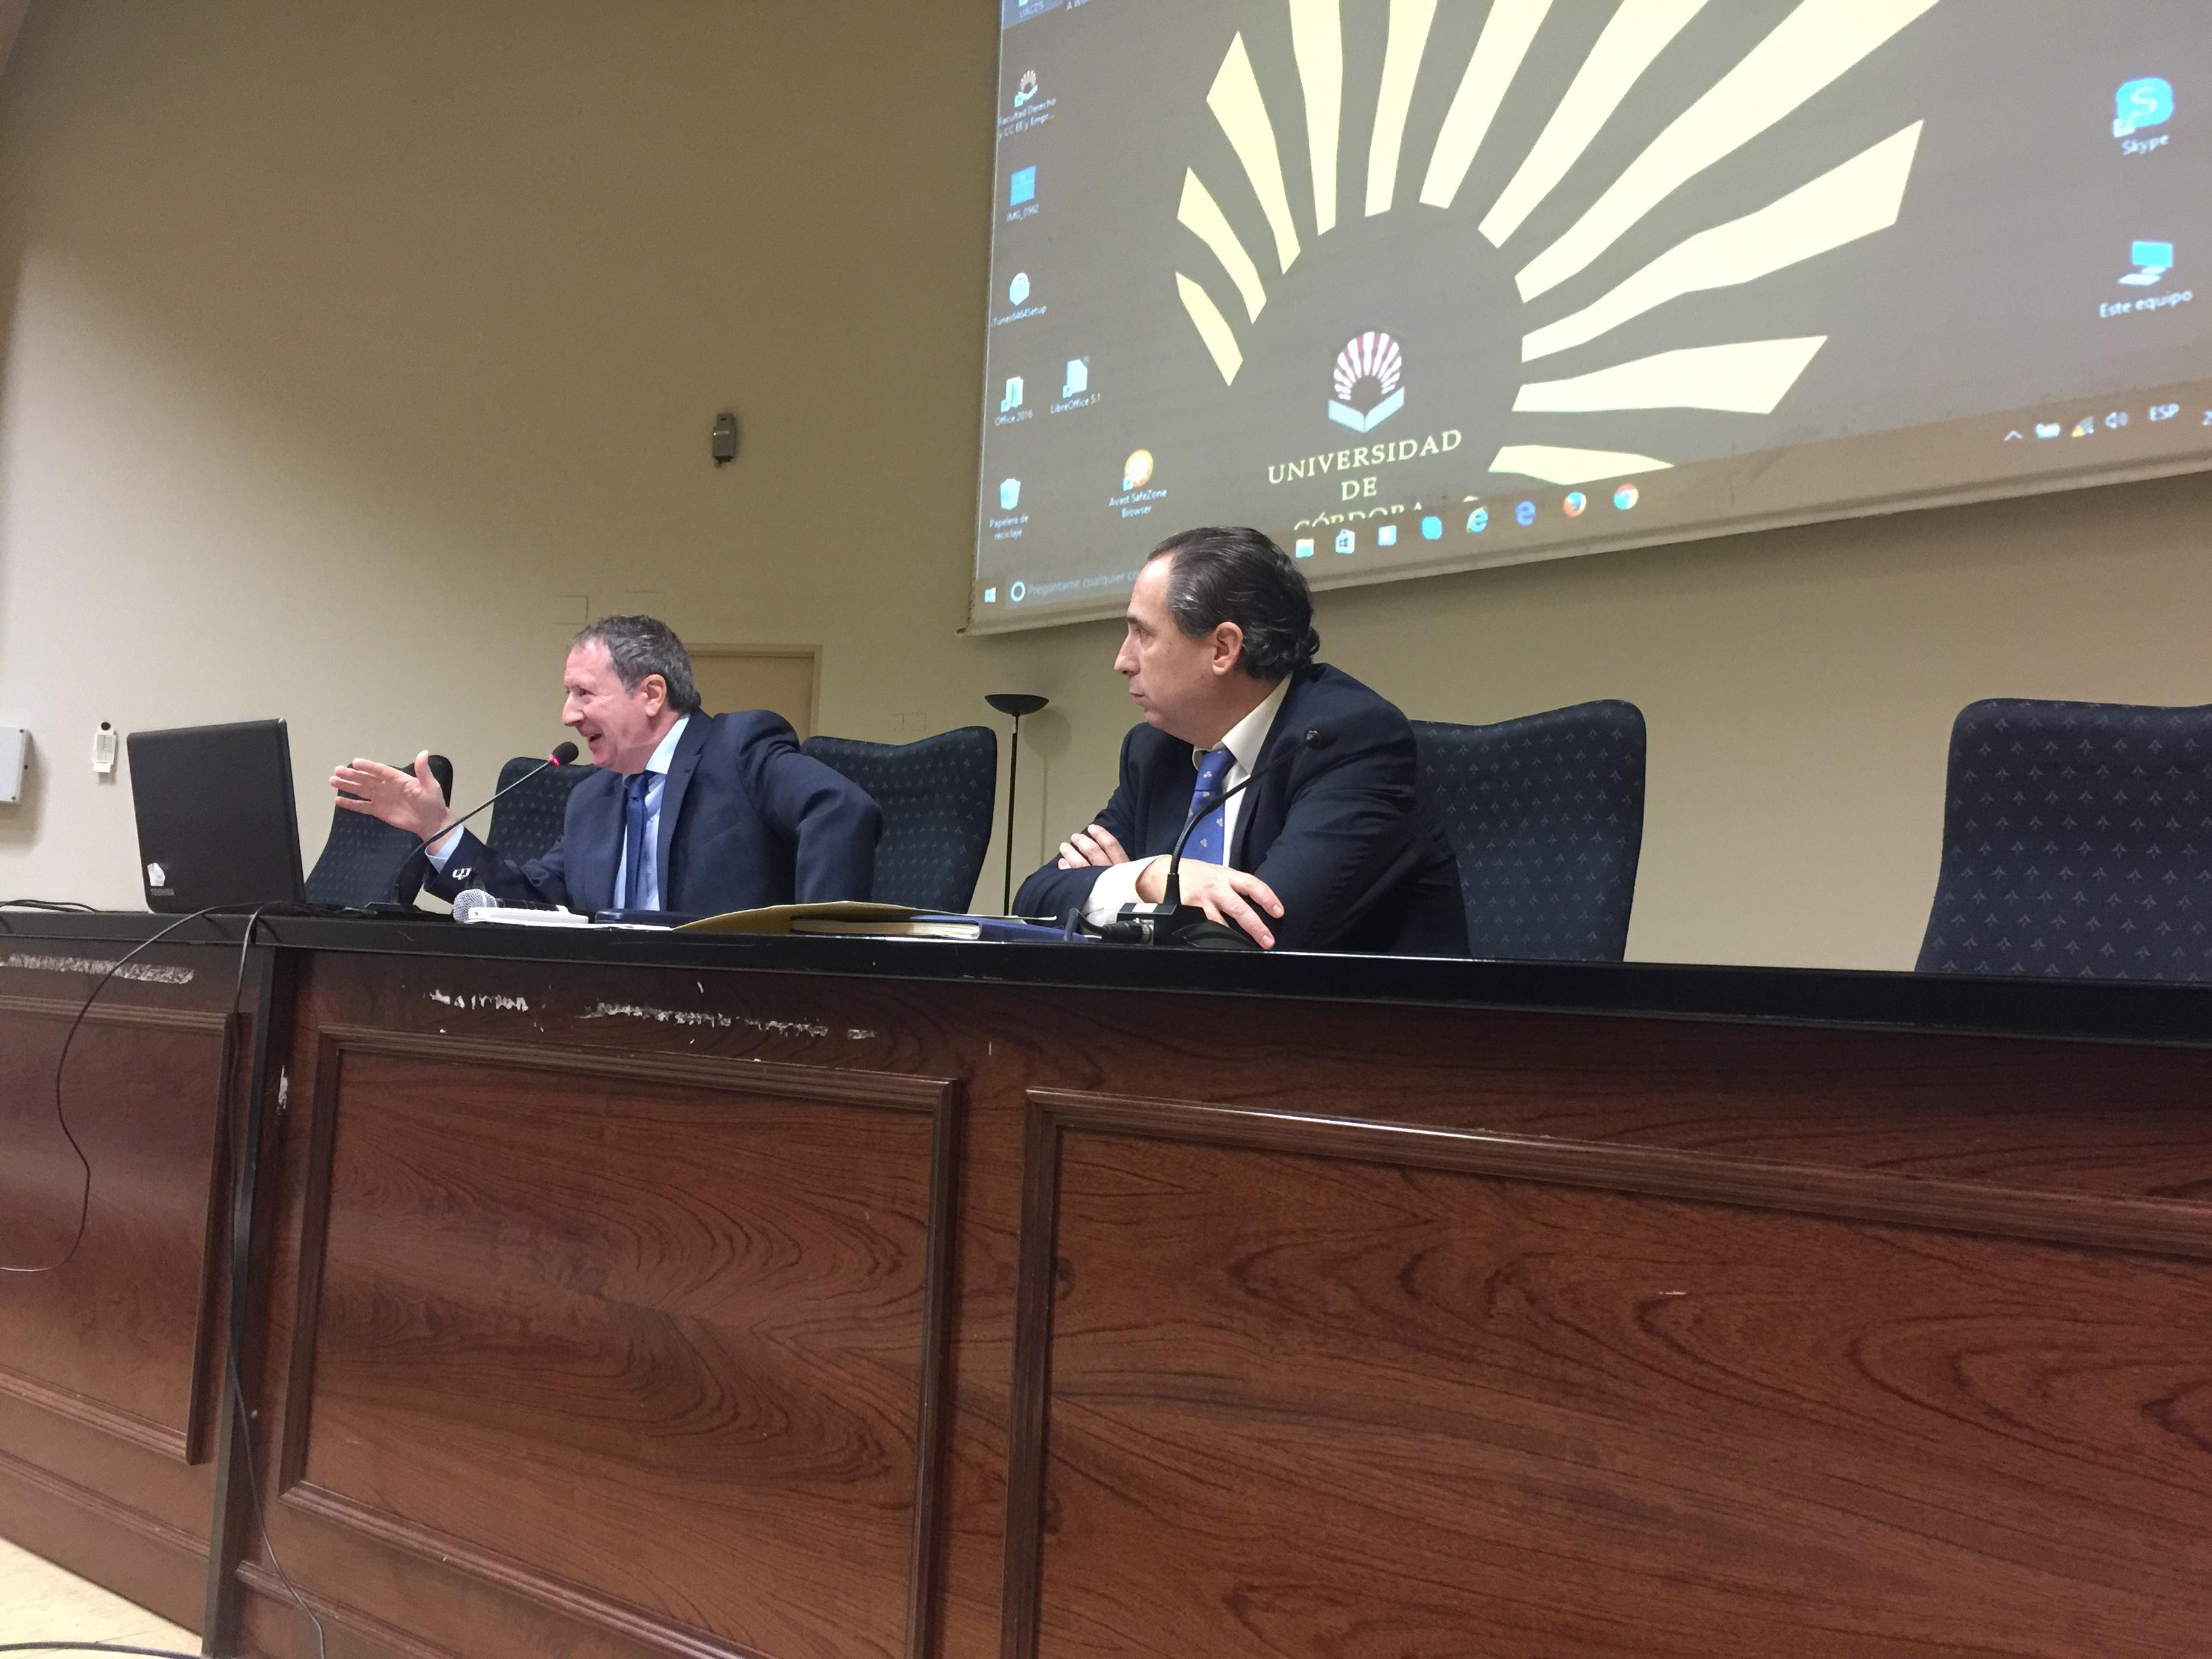 El presidente del Consultivo participa en el ciclo de conferencias de Defensa de la UCO.